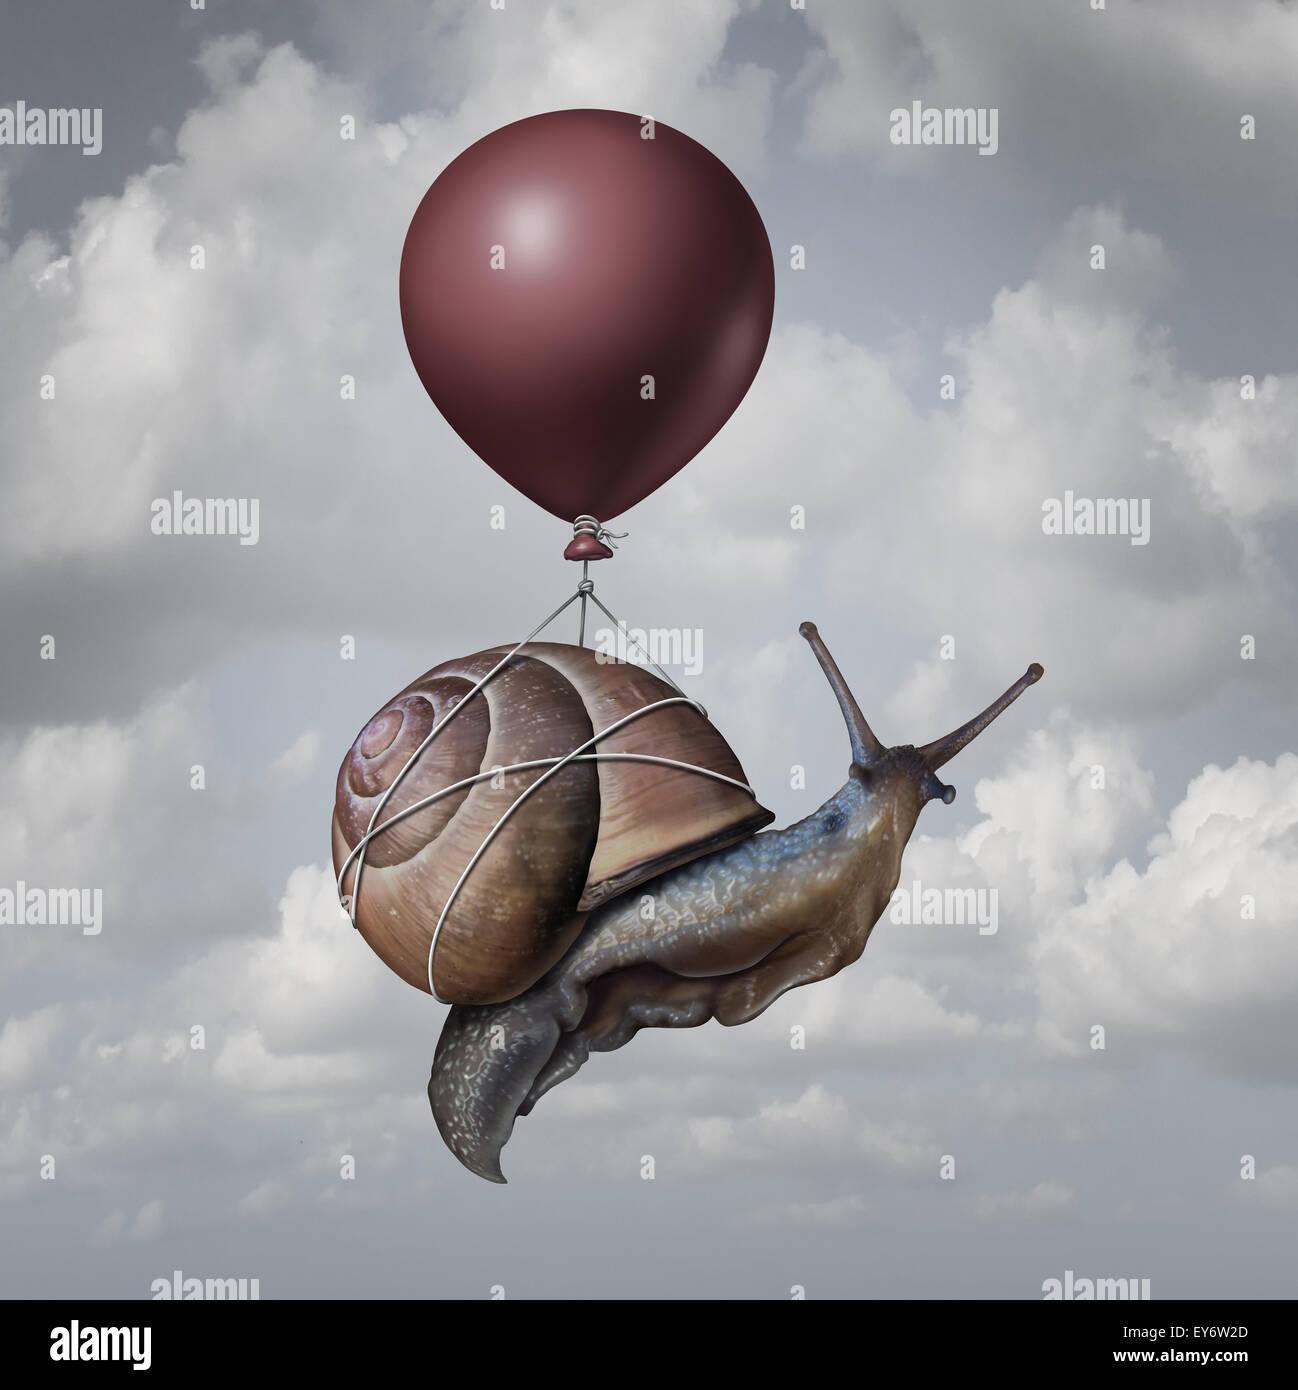 Concepto de éxito y ventaja empresarial idea o Game changer símbolo como un globo levantando un lento Imagen De Stock